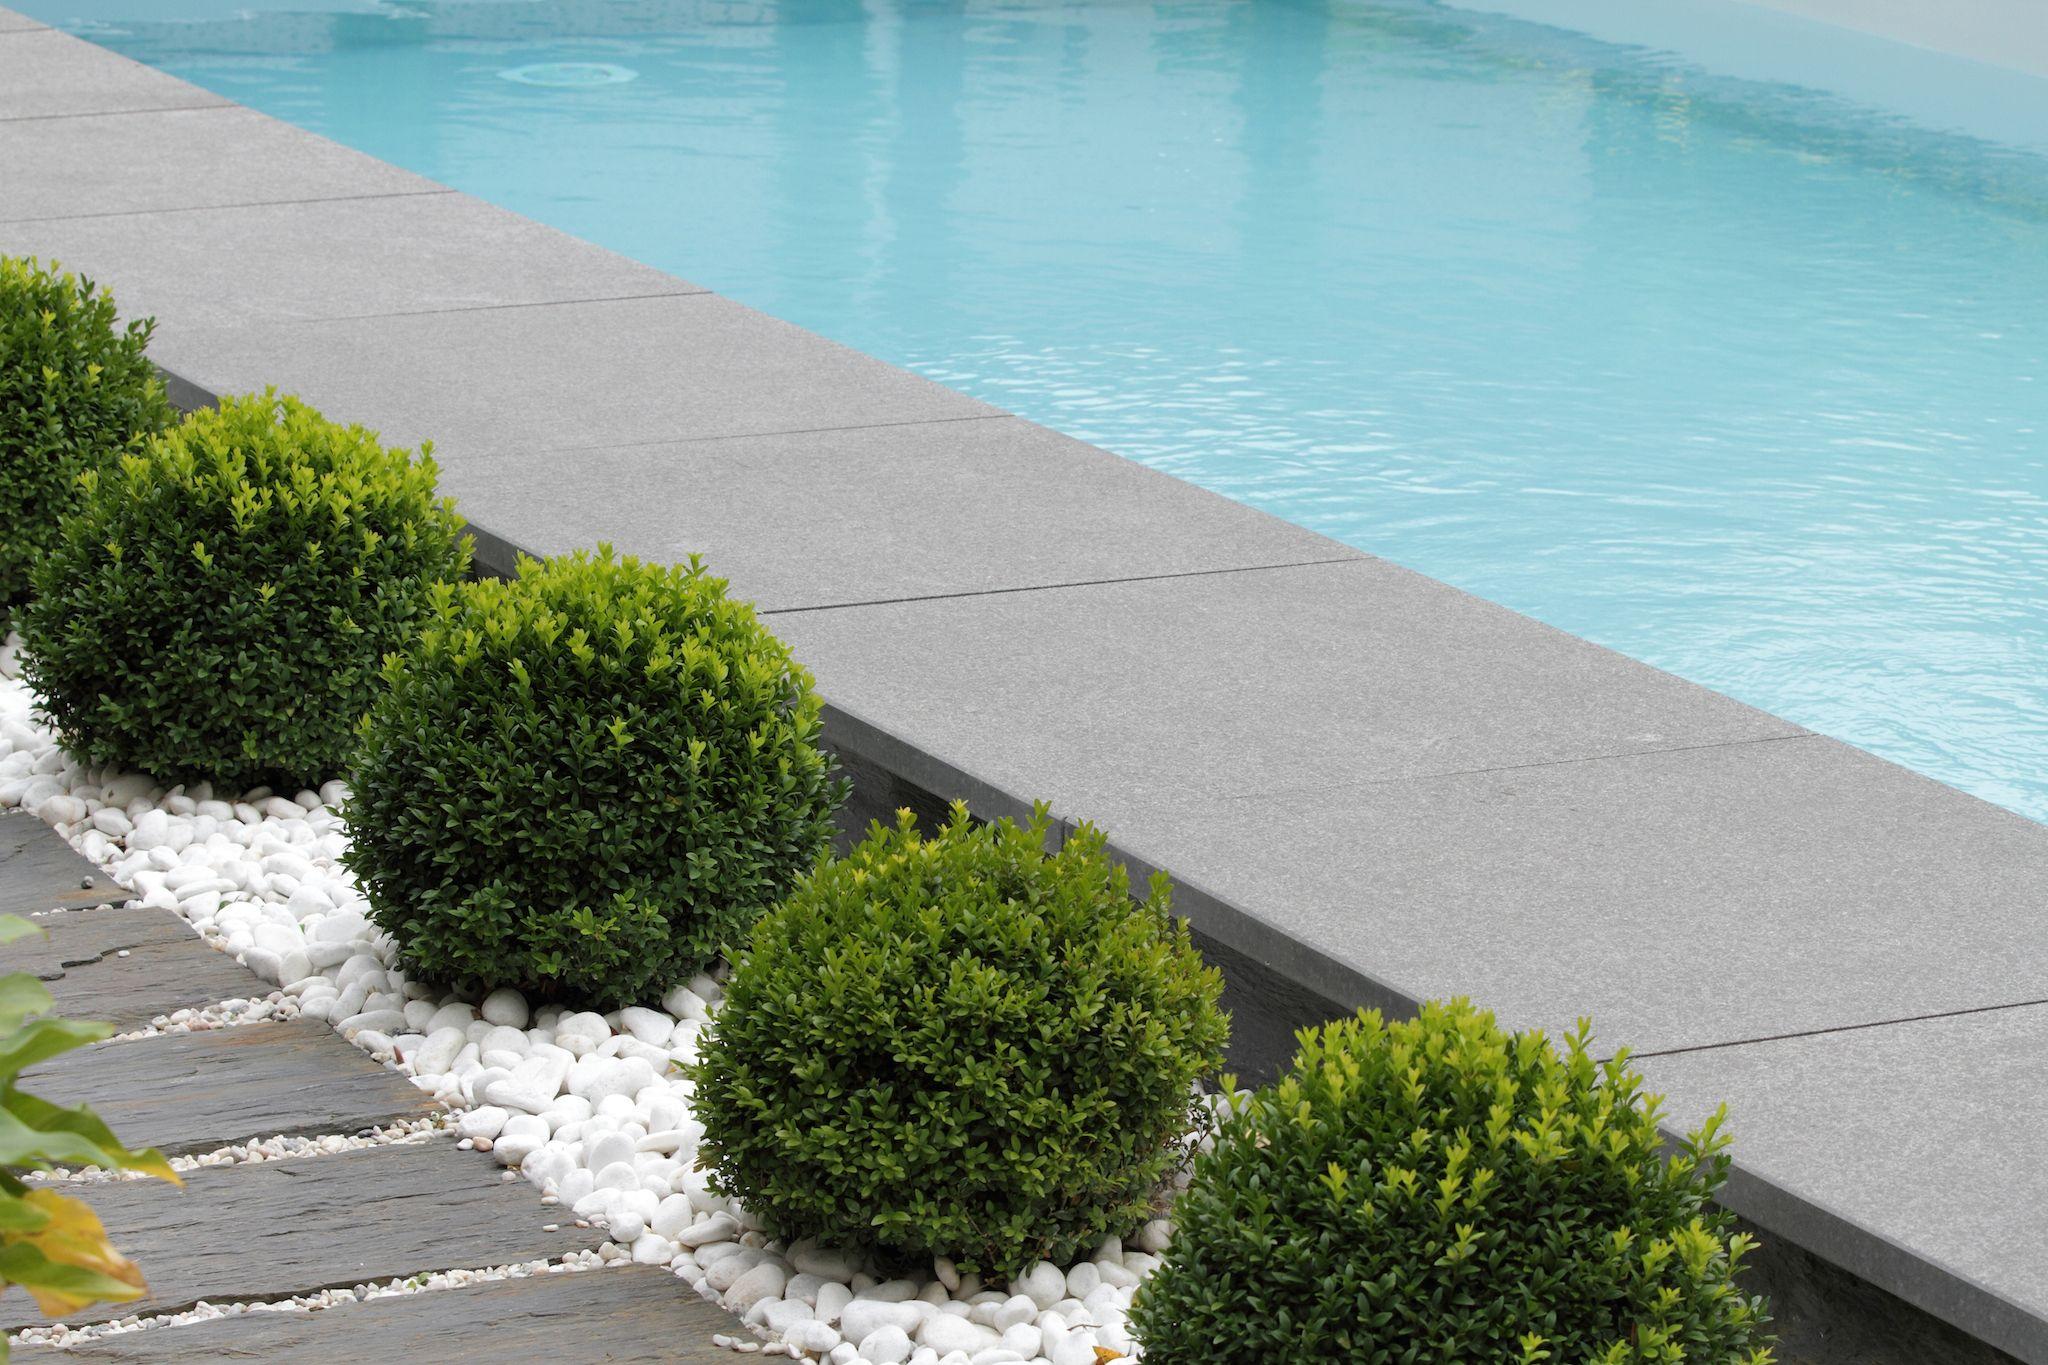 La piscine paysagée par l esprit piscine 9 5 x 4 m Revªtement